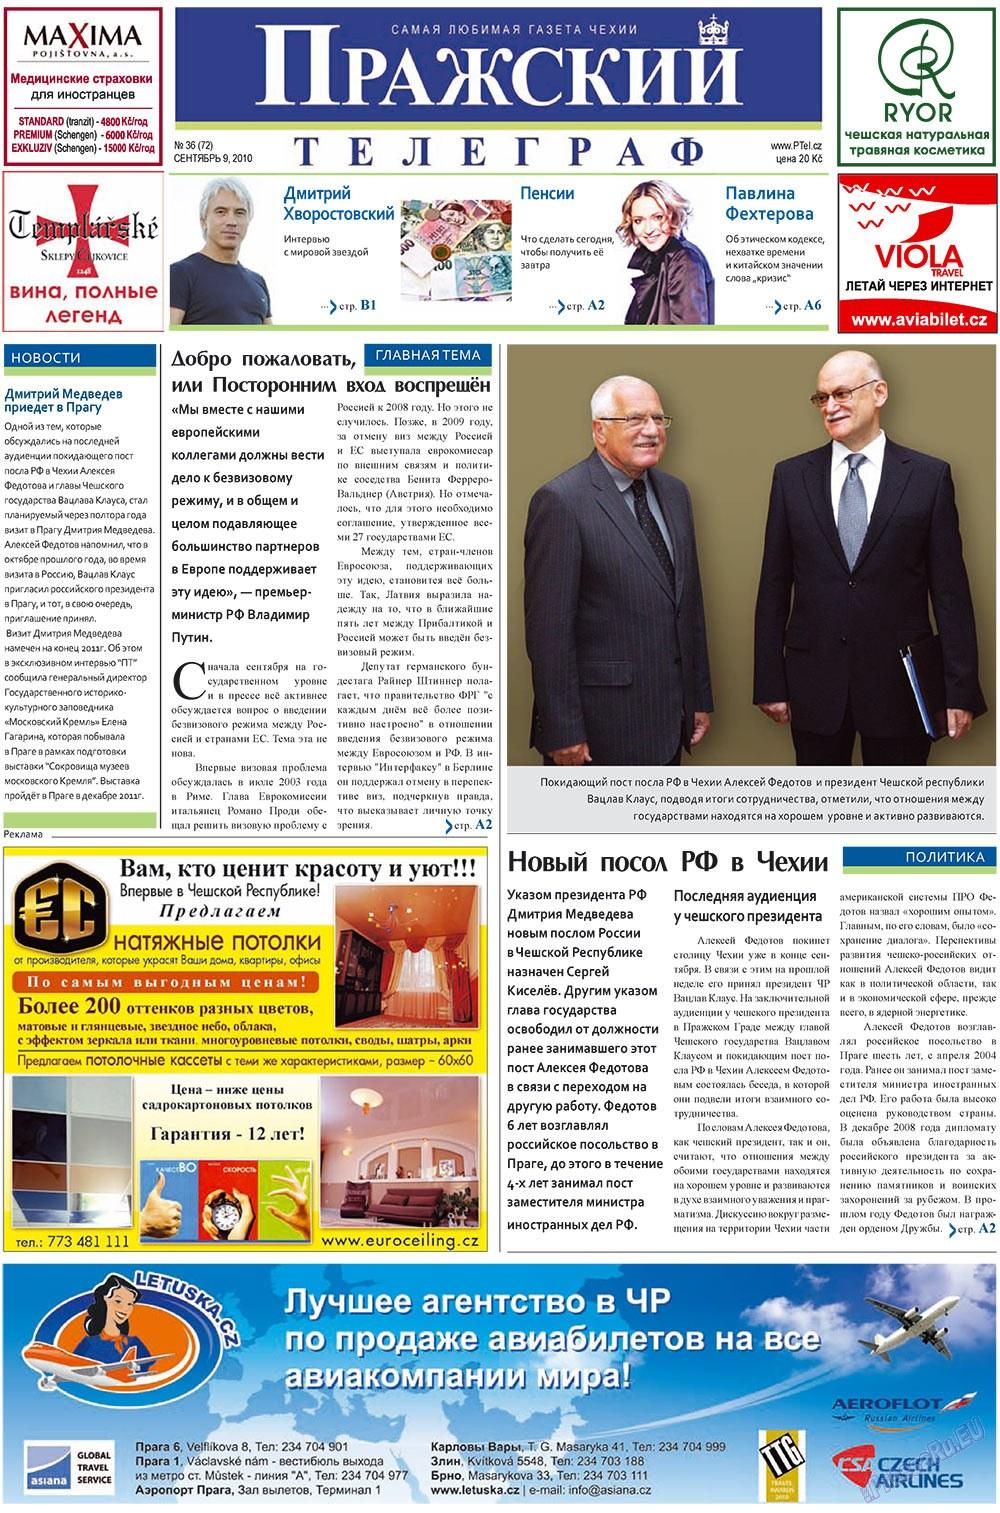 Пражский телеграф (газета). 2010 год, номер 36, стр. 1